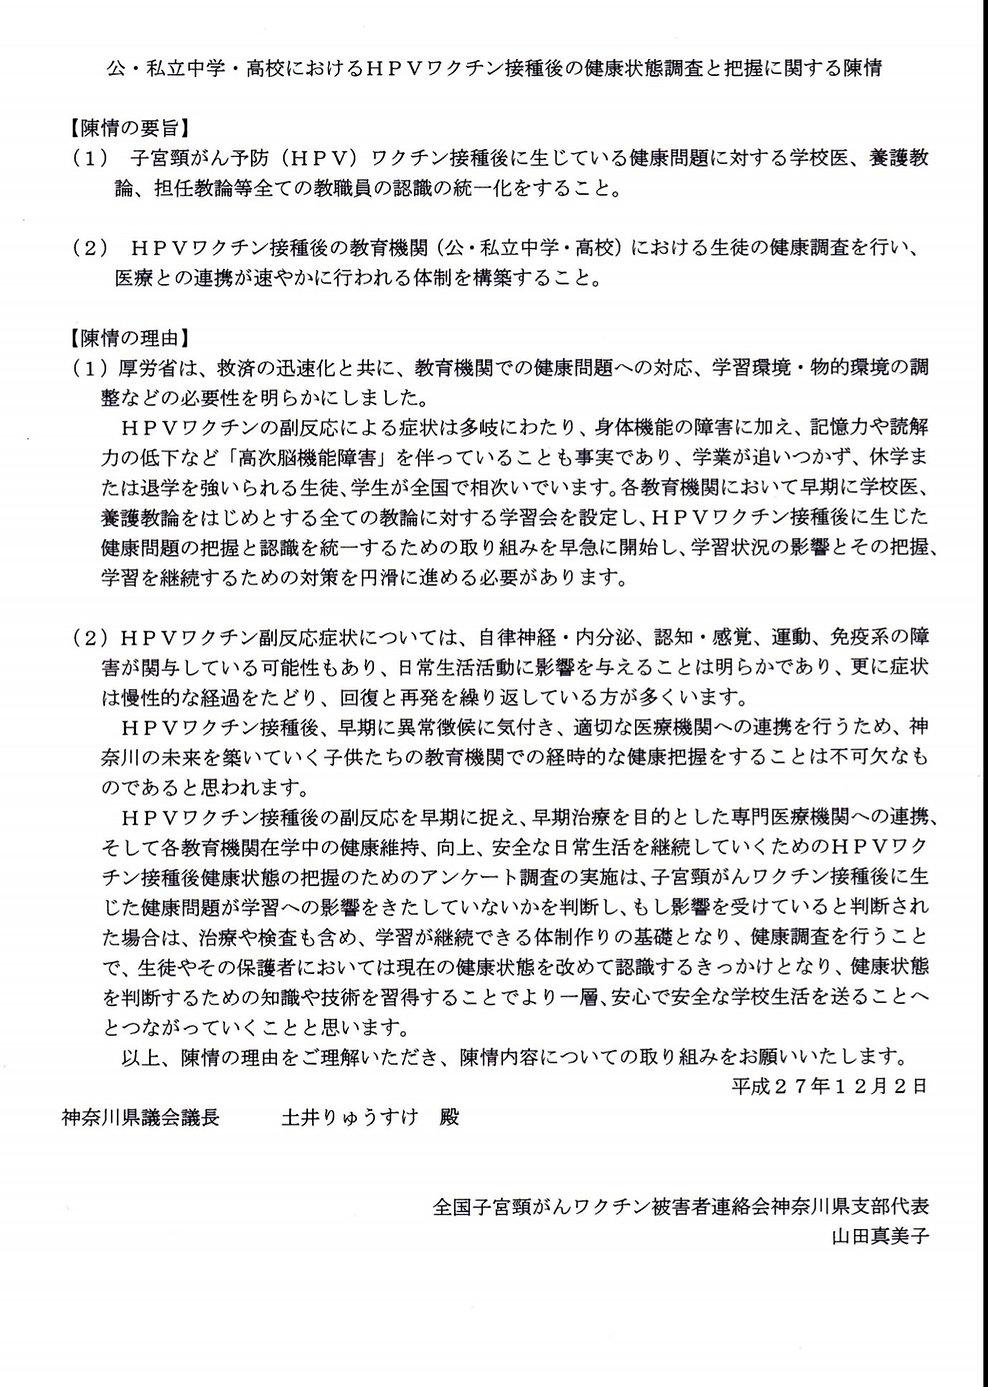 2015.12中学高校調査神奈川陳情.jpg